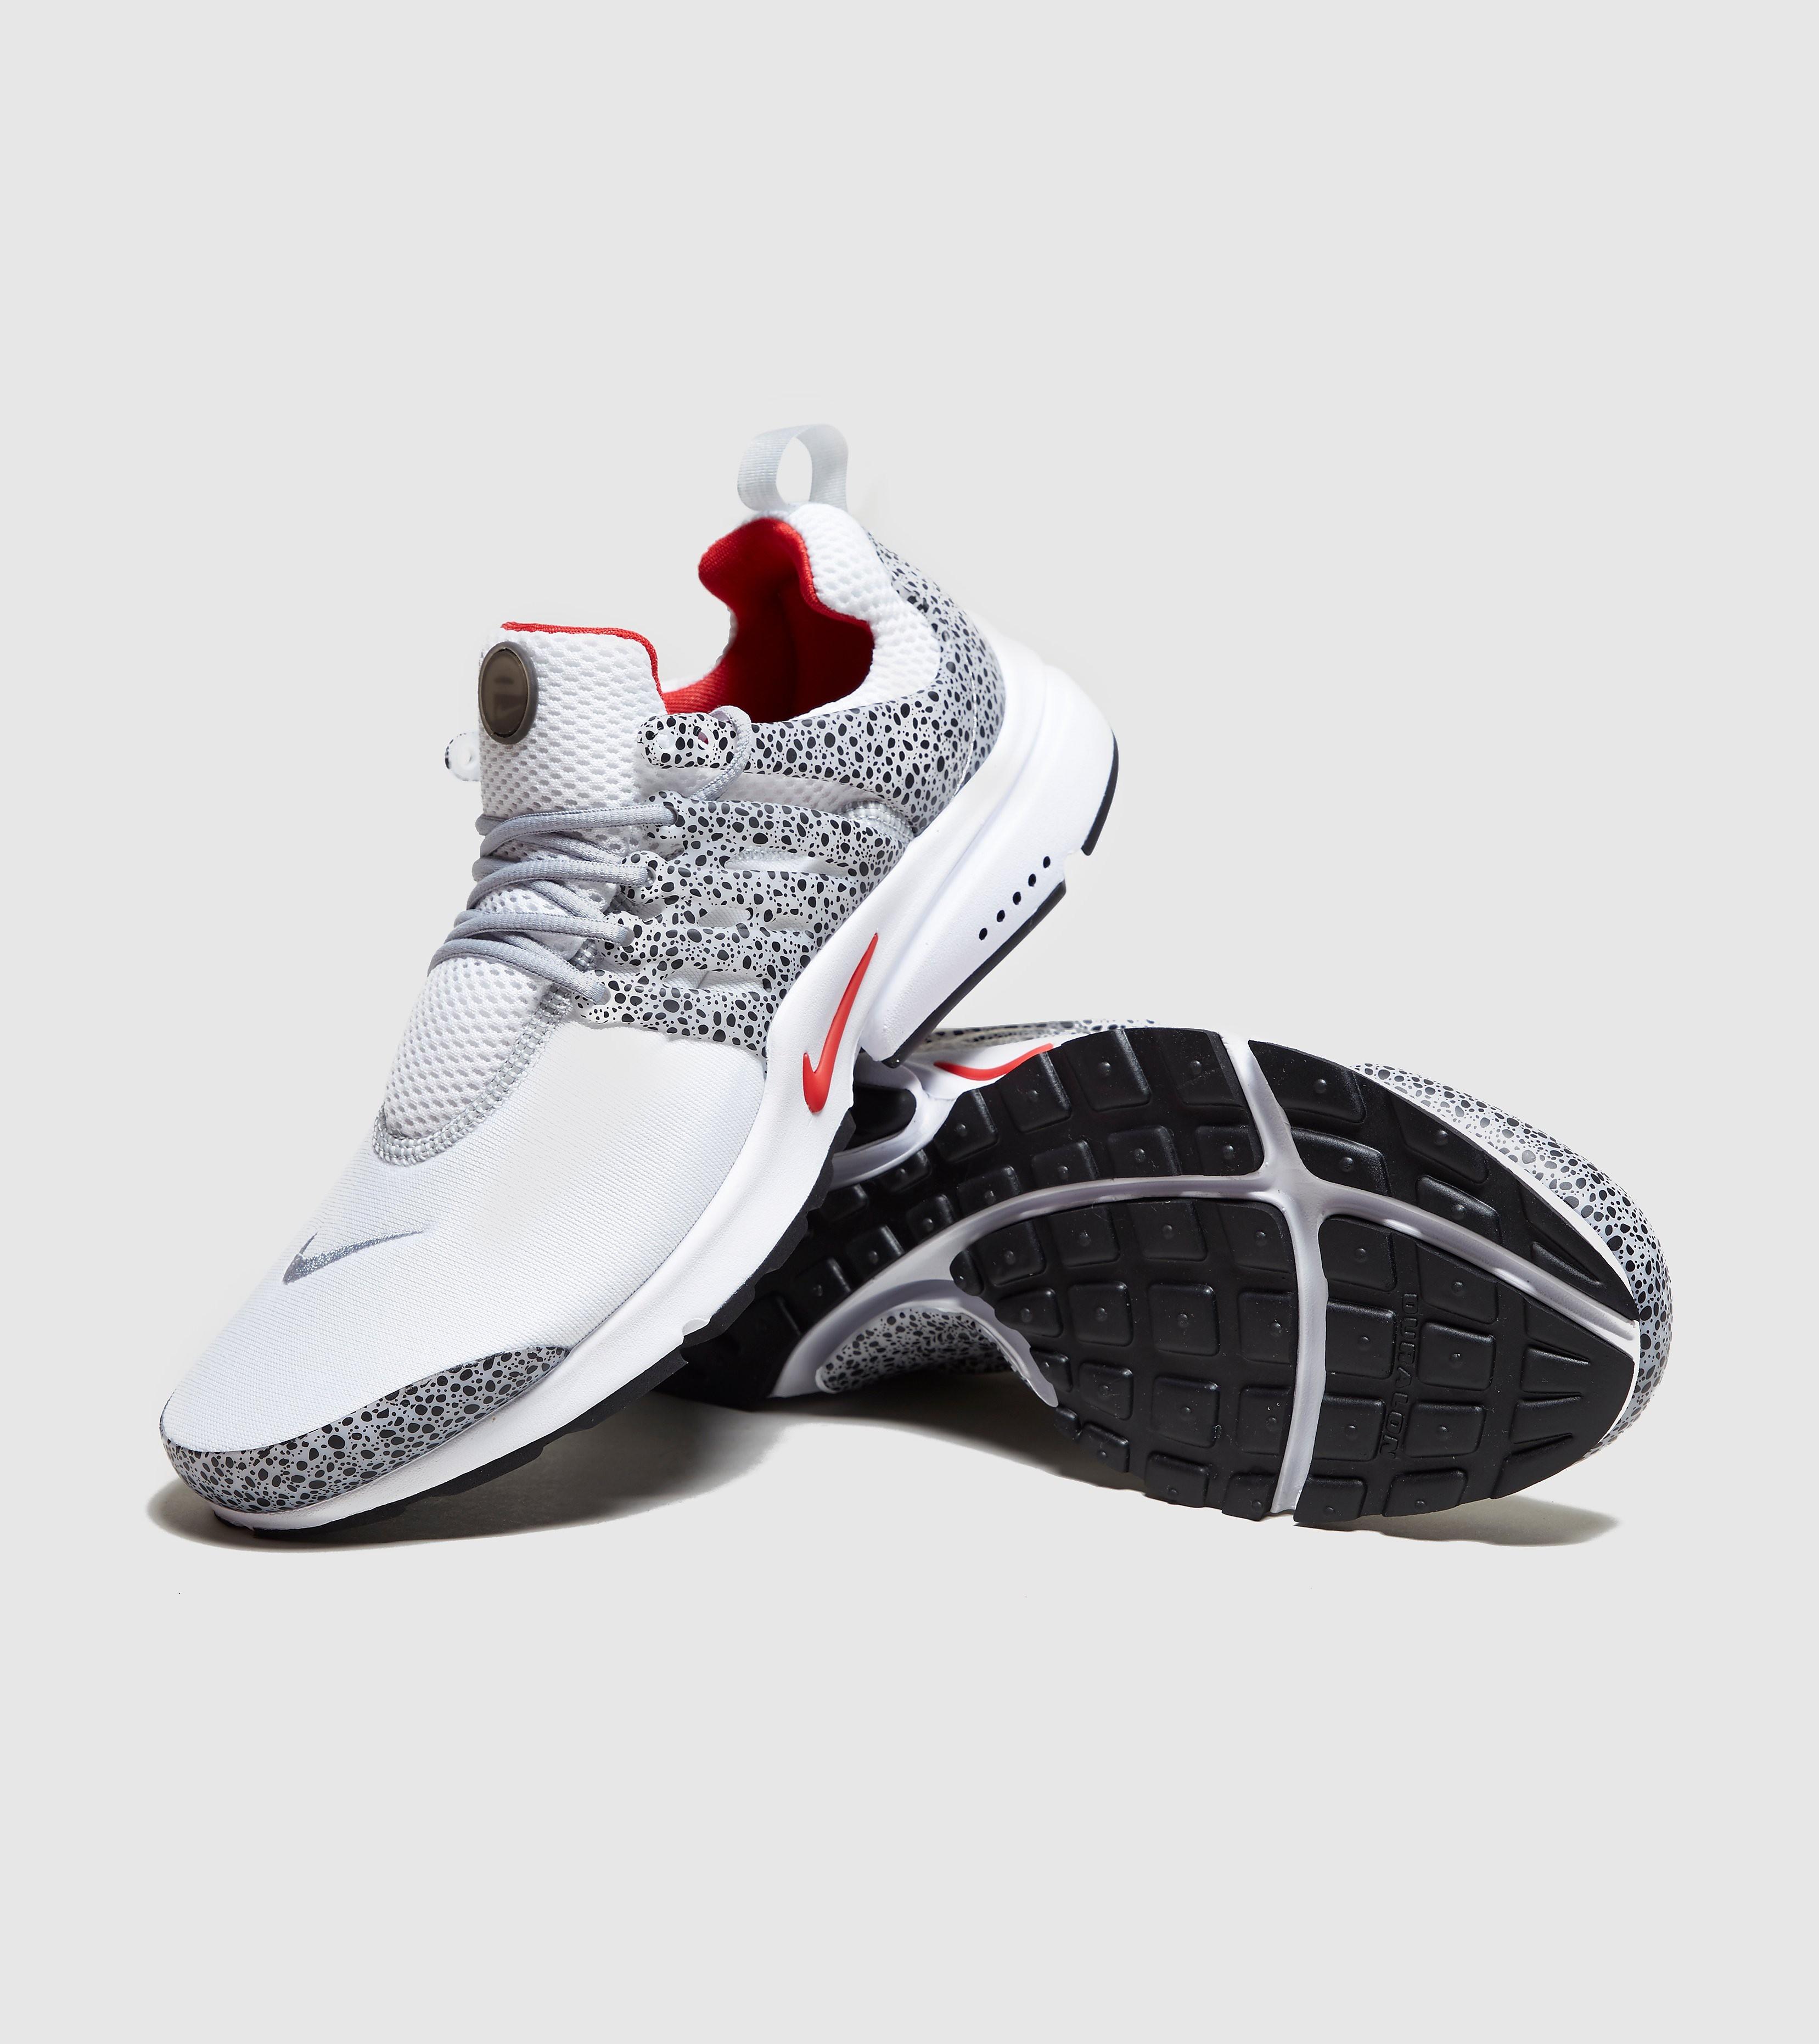 Nike Air Presto QS 'Safari'